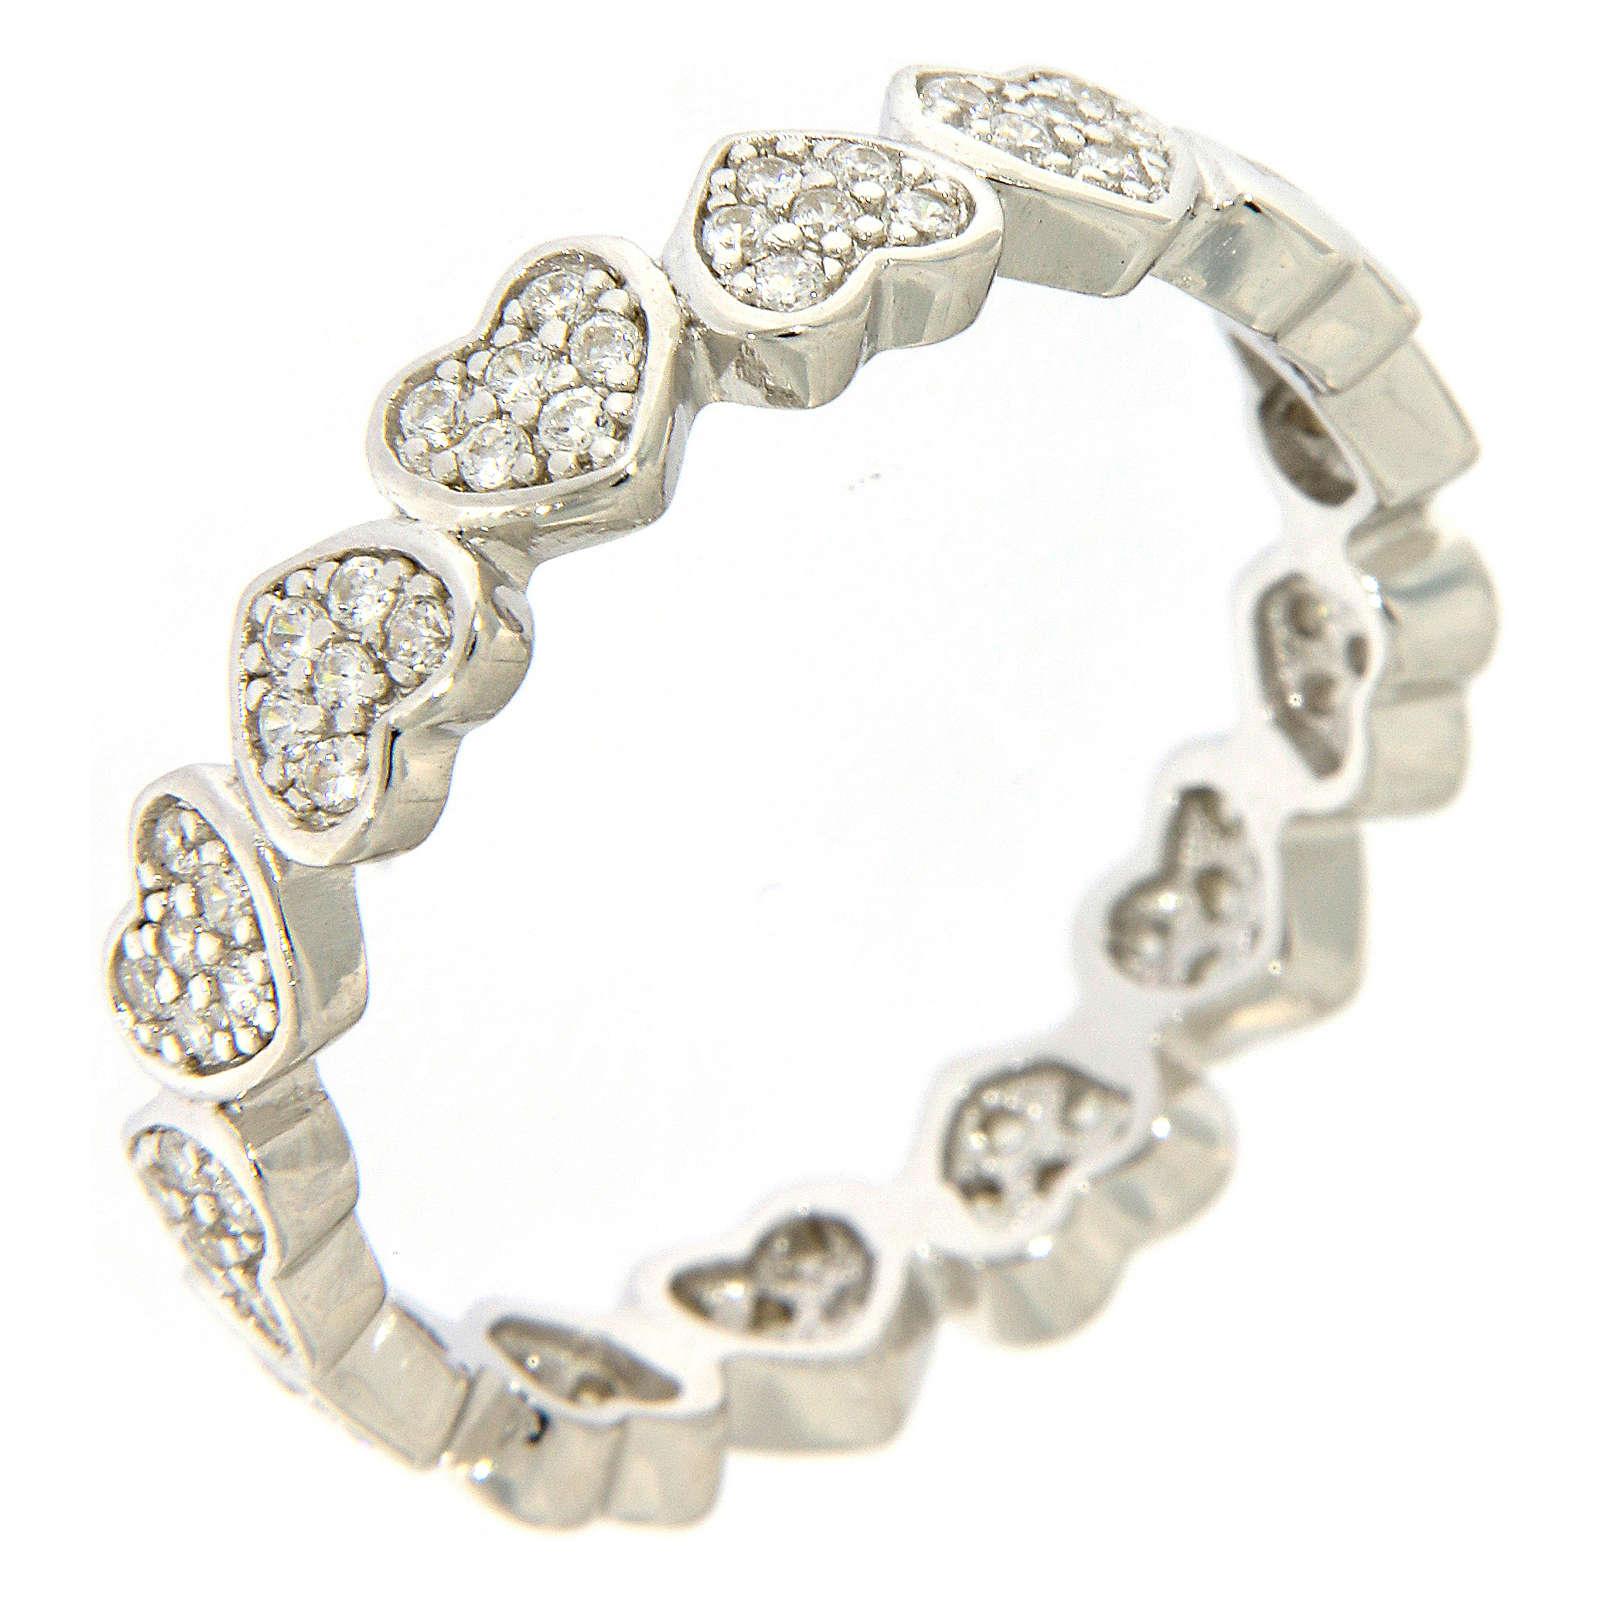 Anillo AMEN corazoncitos y zircones plata 925 3